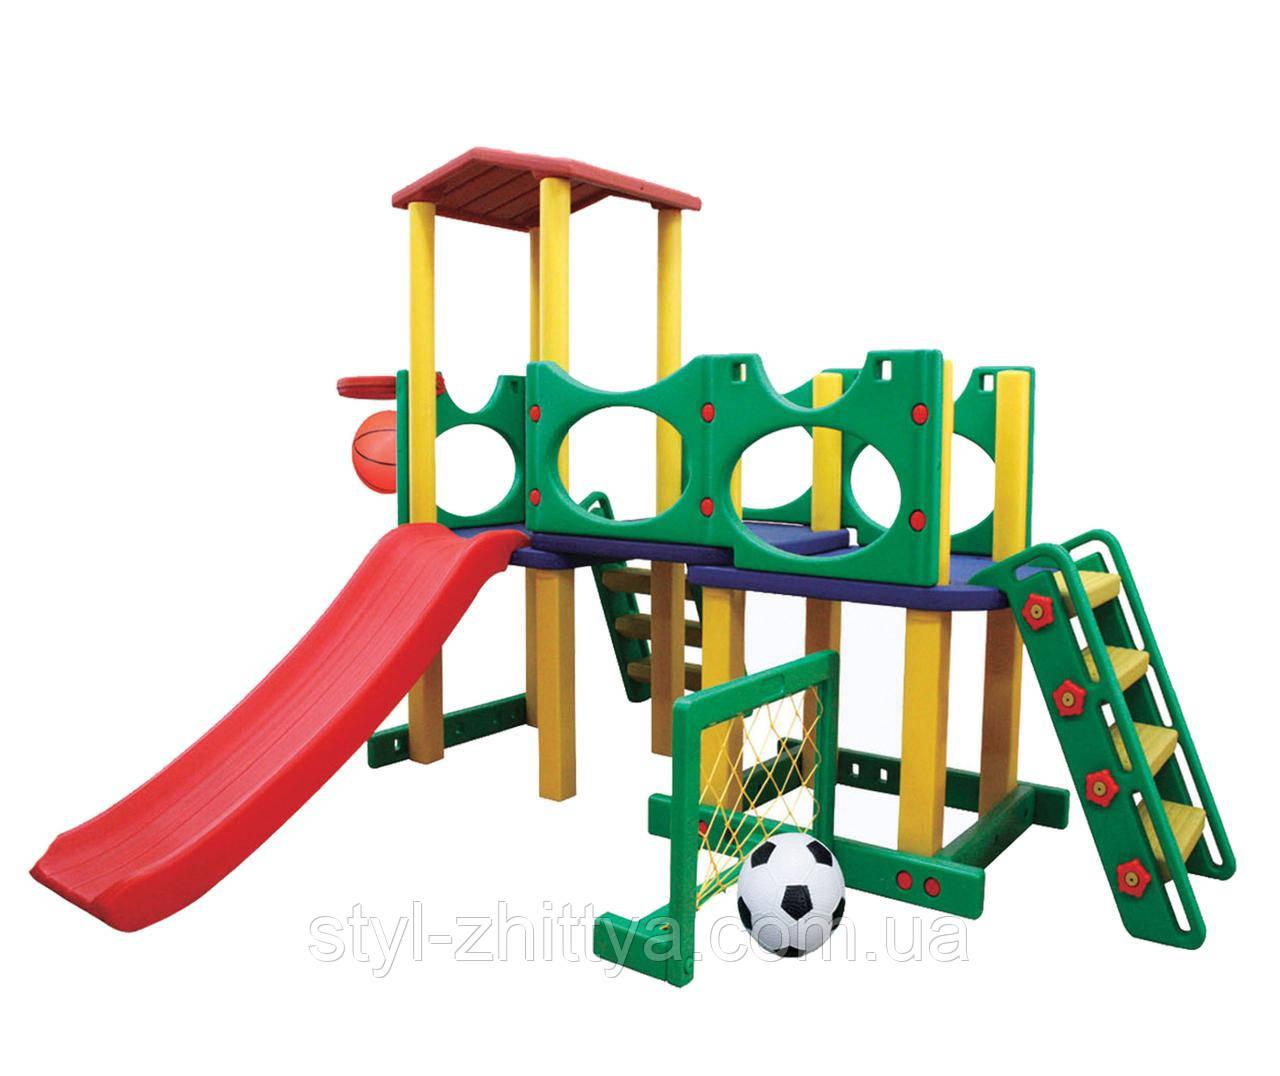 Ігровий майданчик: гірка + баскетбол + ворота